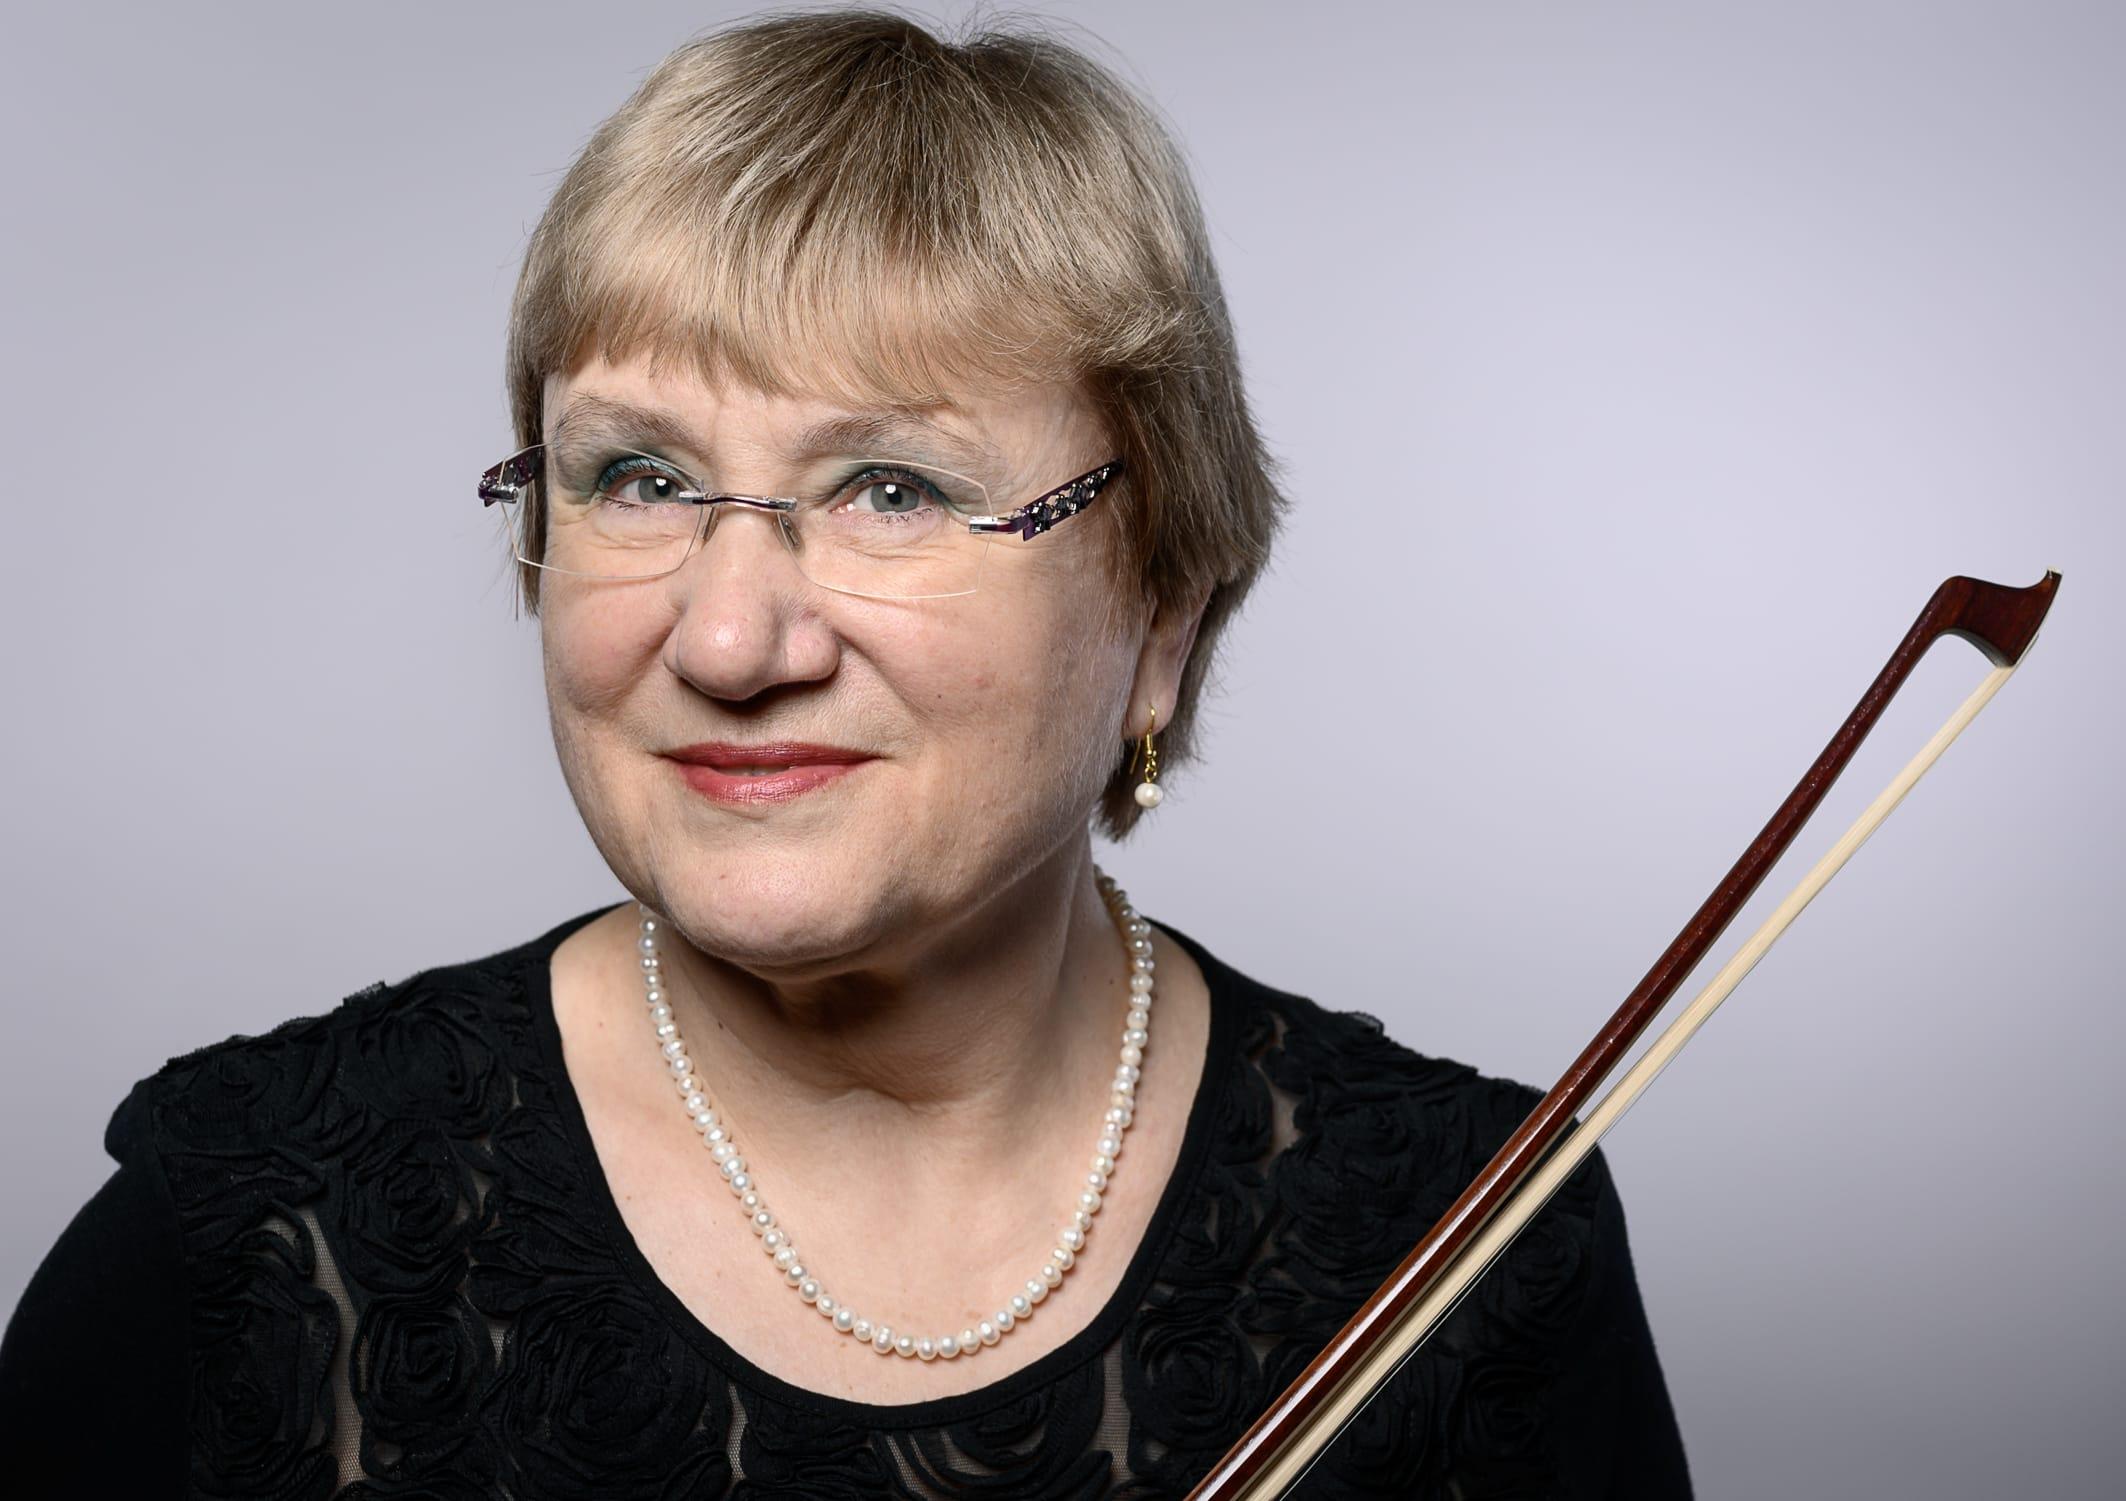 portrait Foto von Sieglinde Scholze